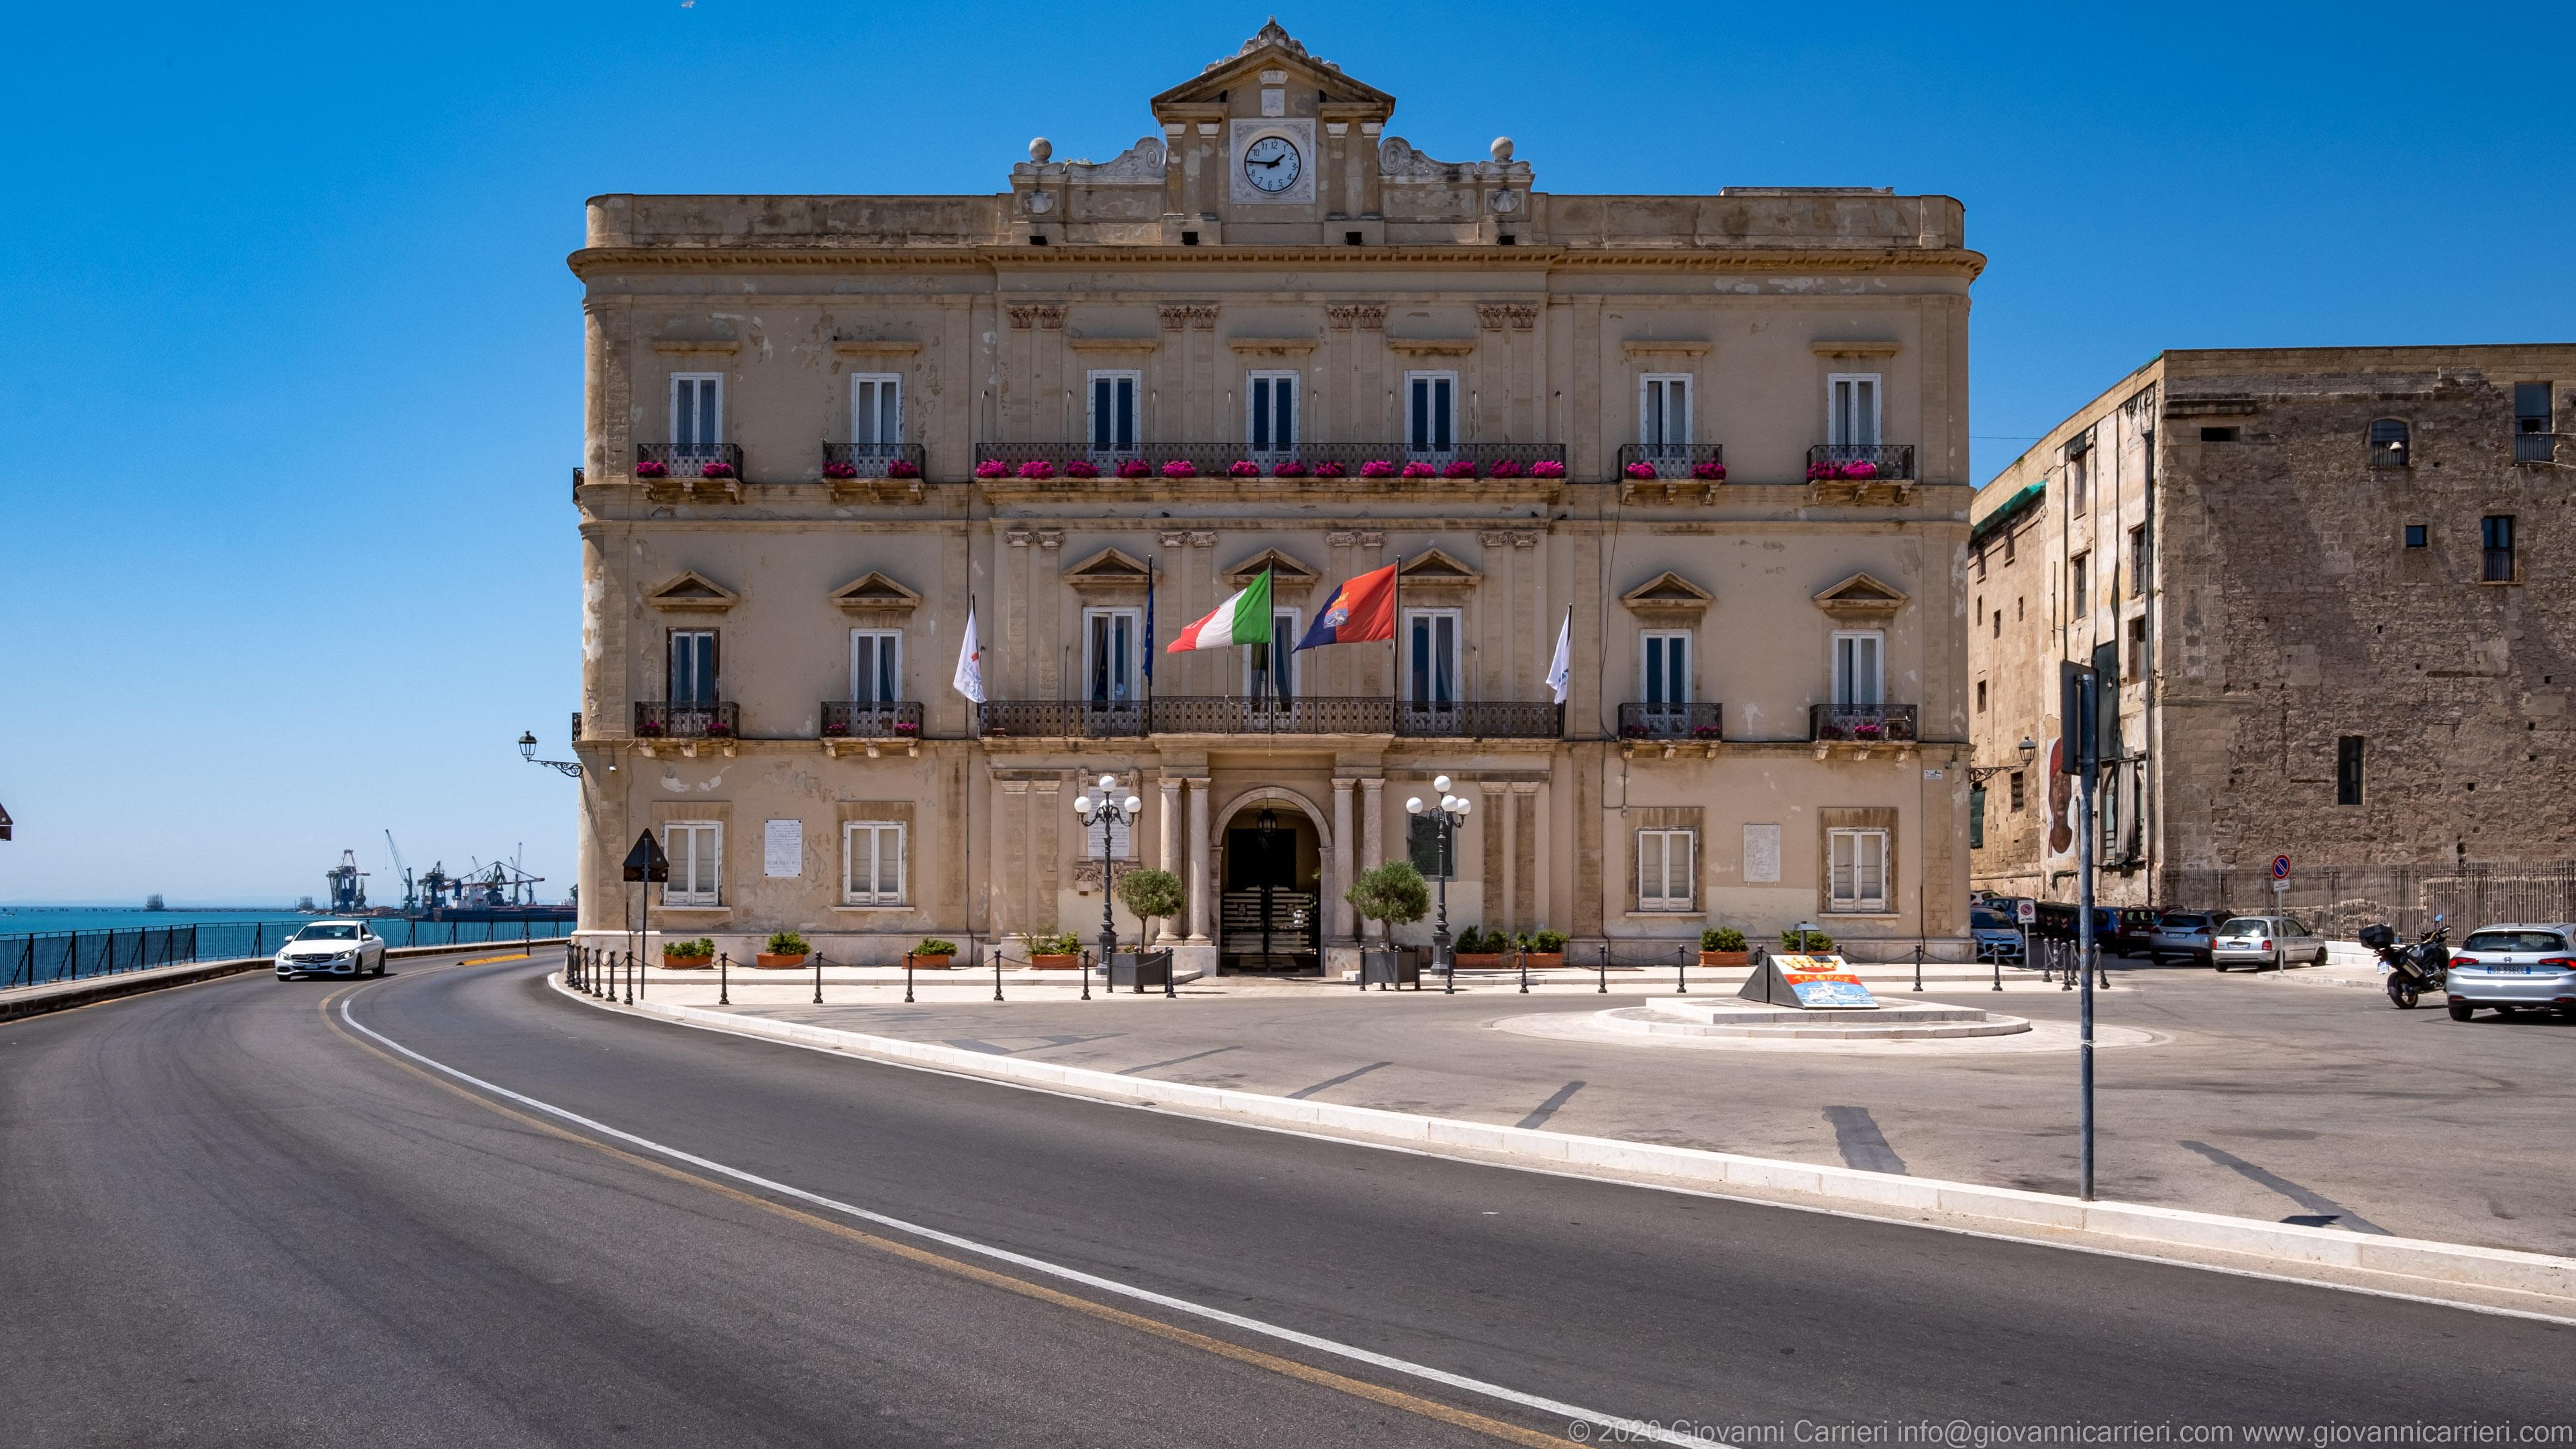 Palazzo di Città Il Palazzo della Città di Taranto, sede dell'amministrazione comunale